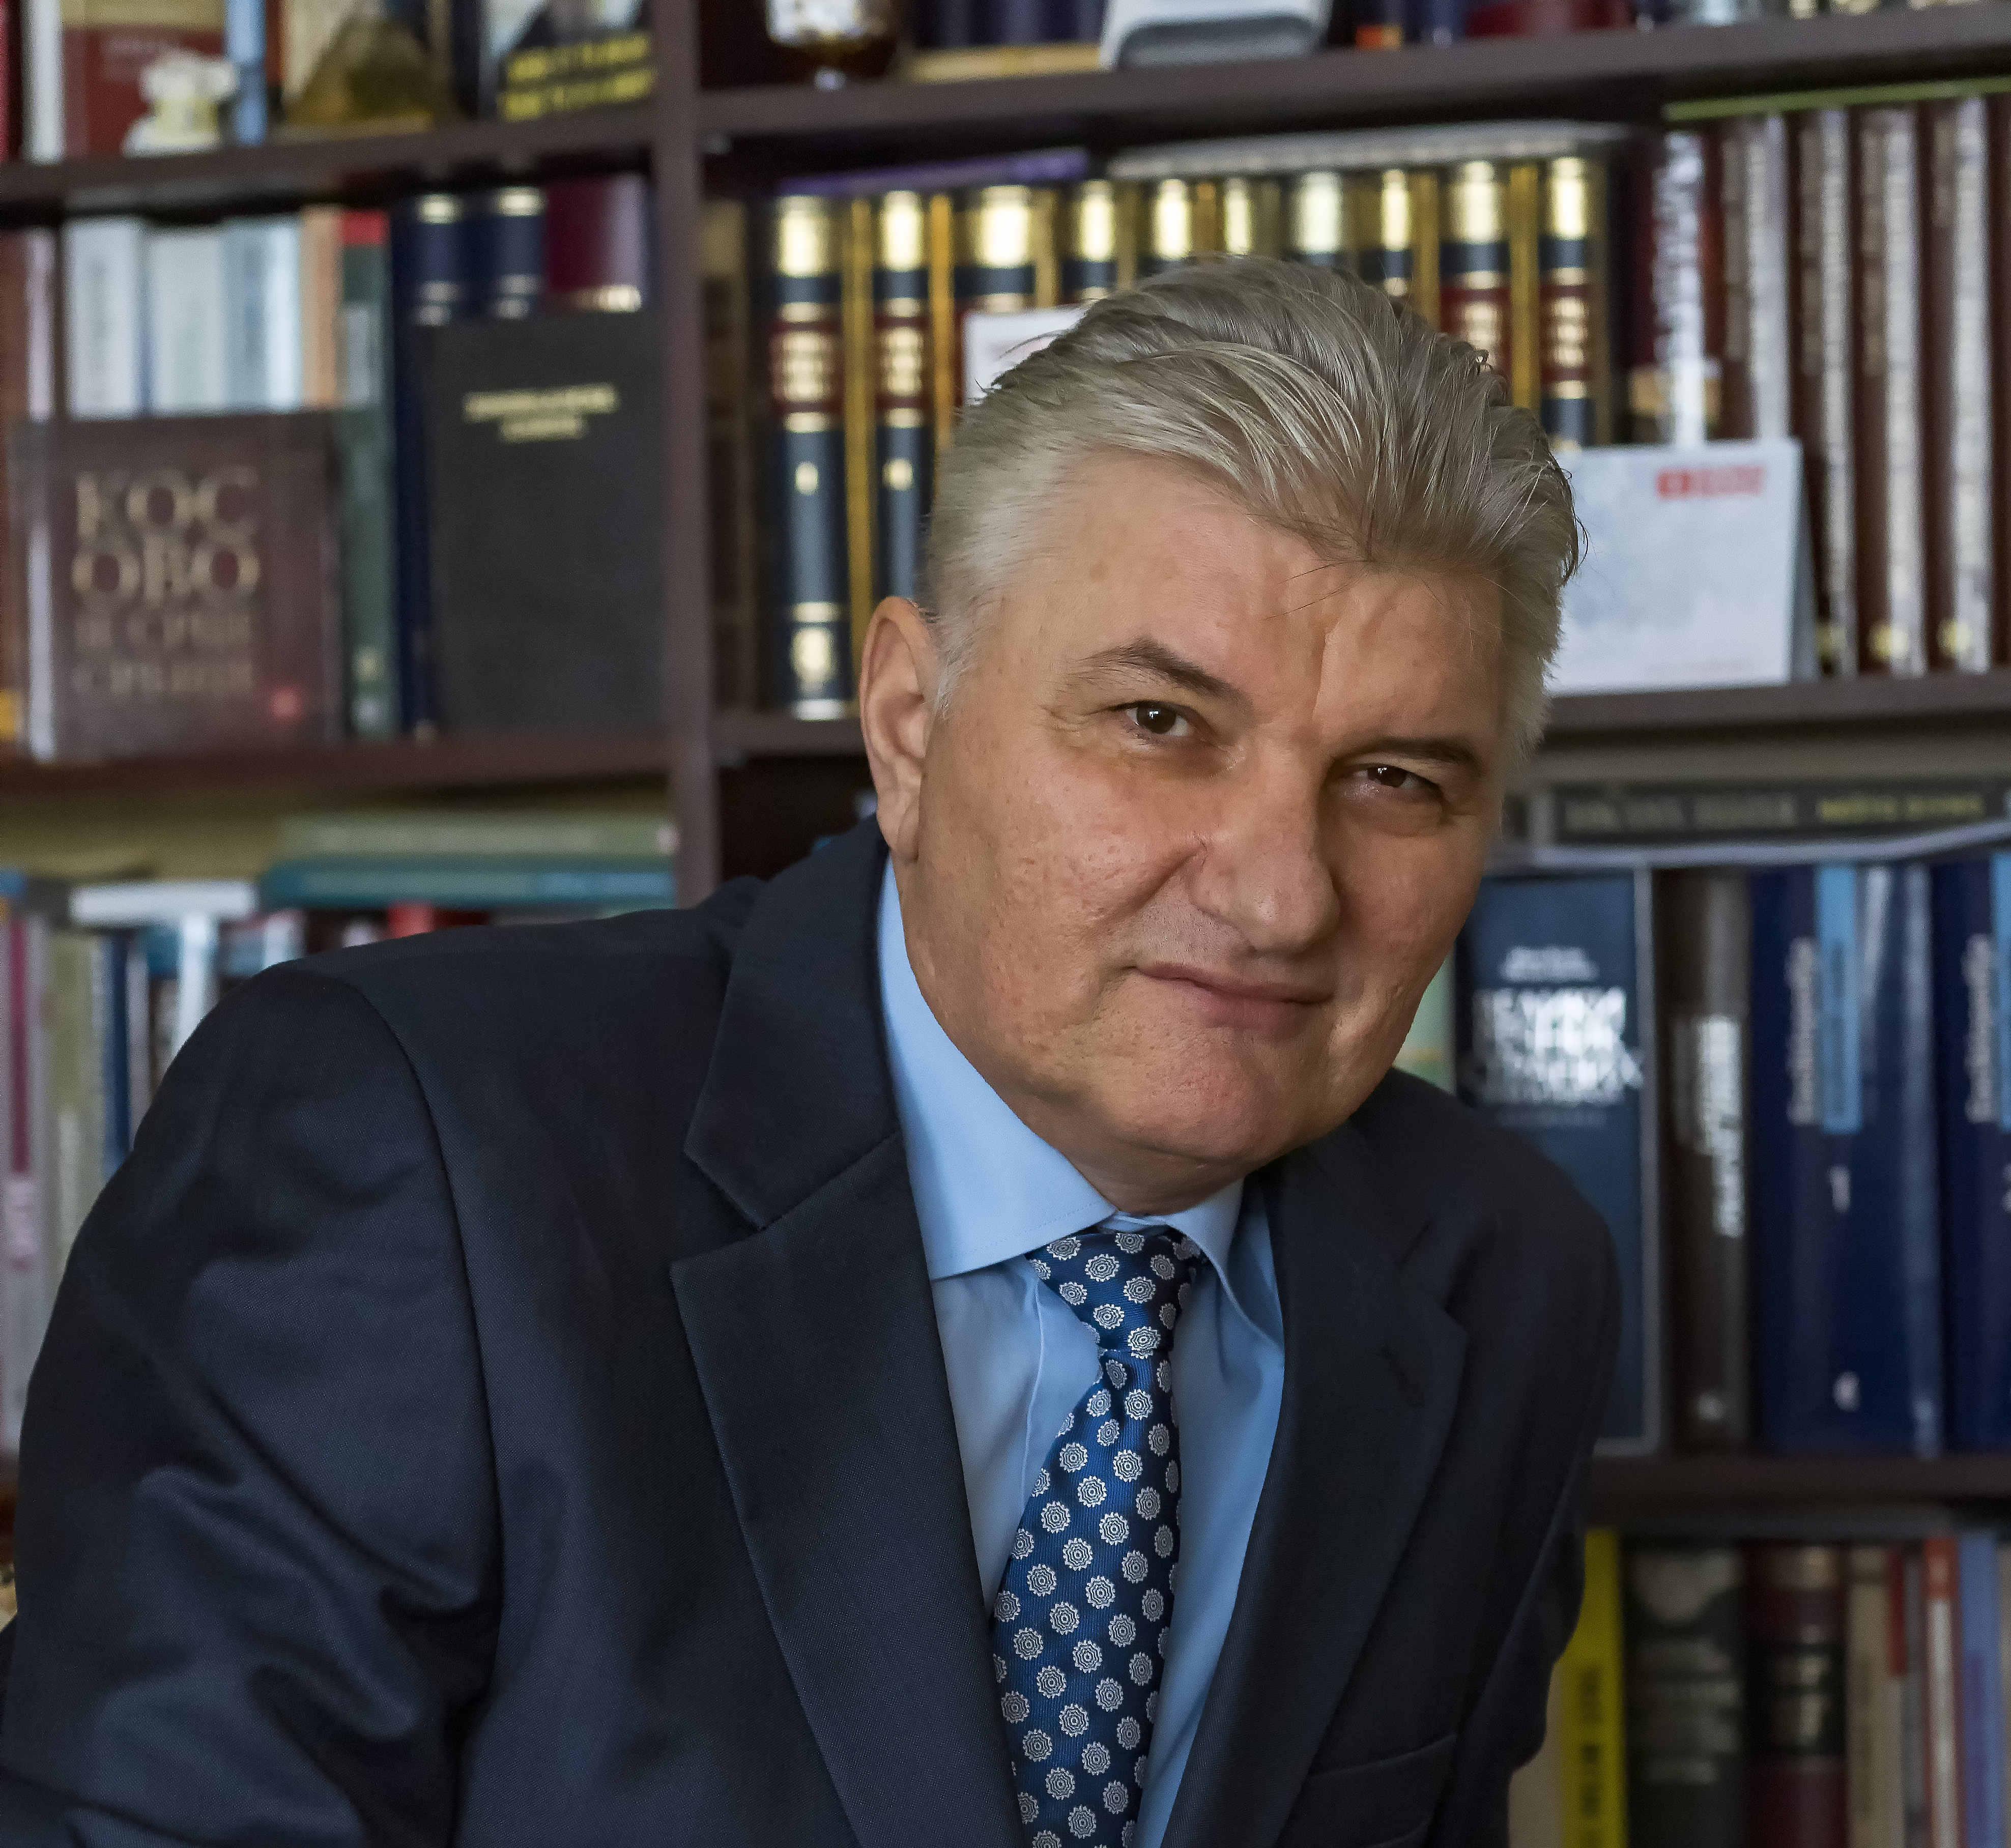 Go to Др Радослав Гаћиновић: атентат који је променио свет